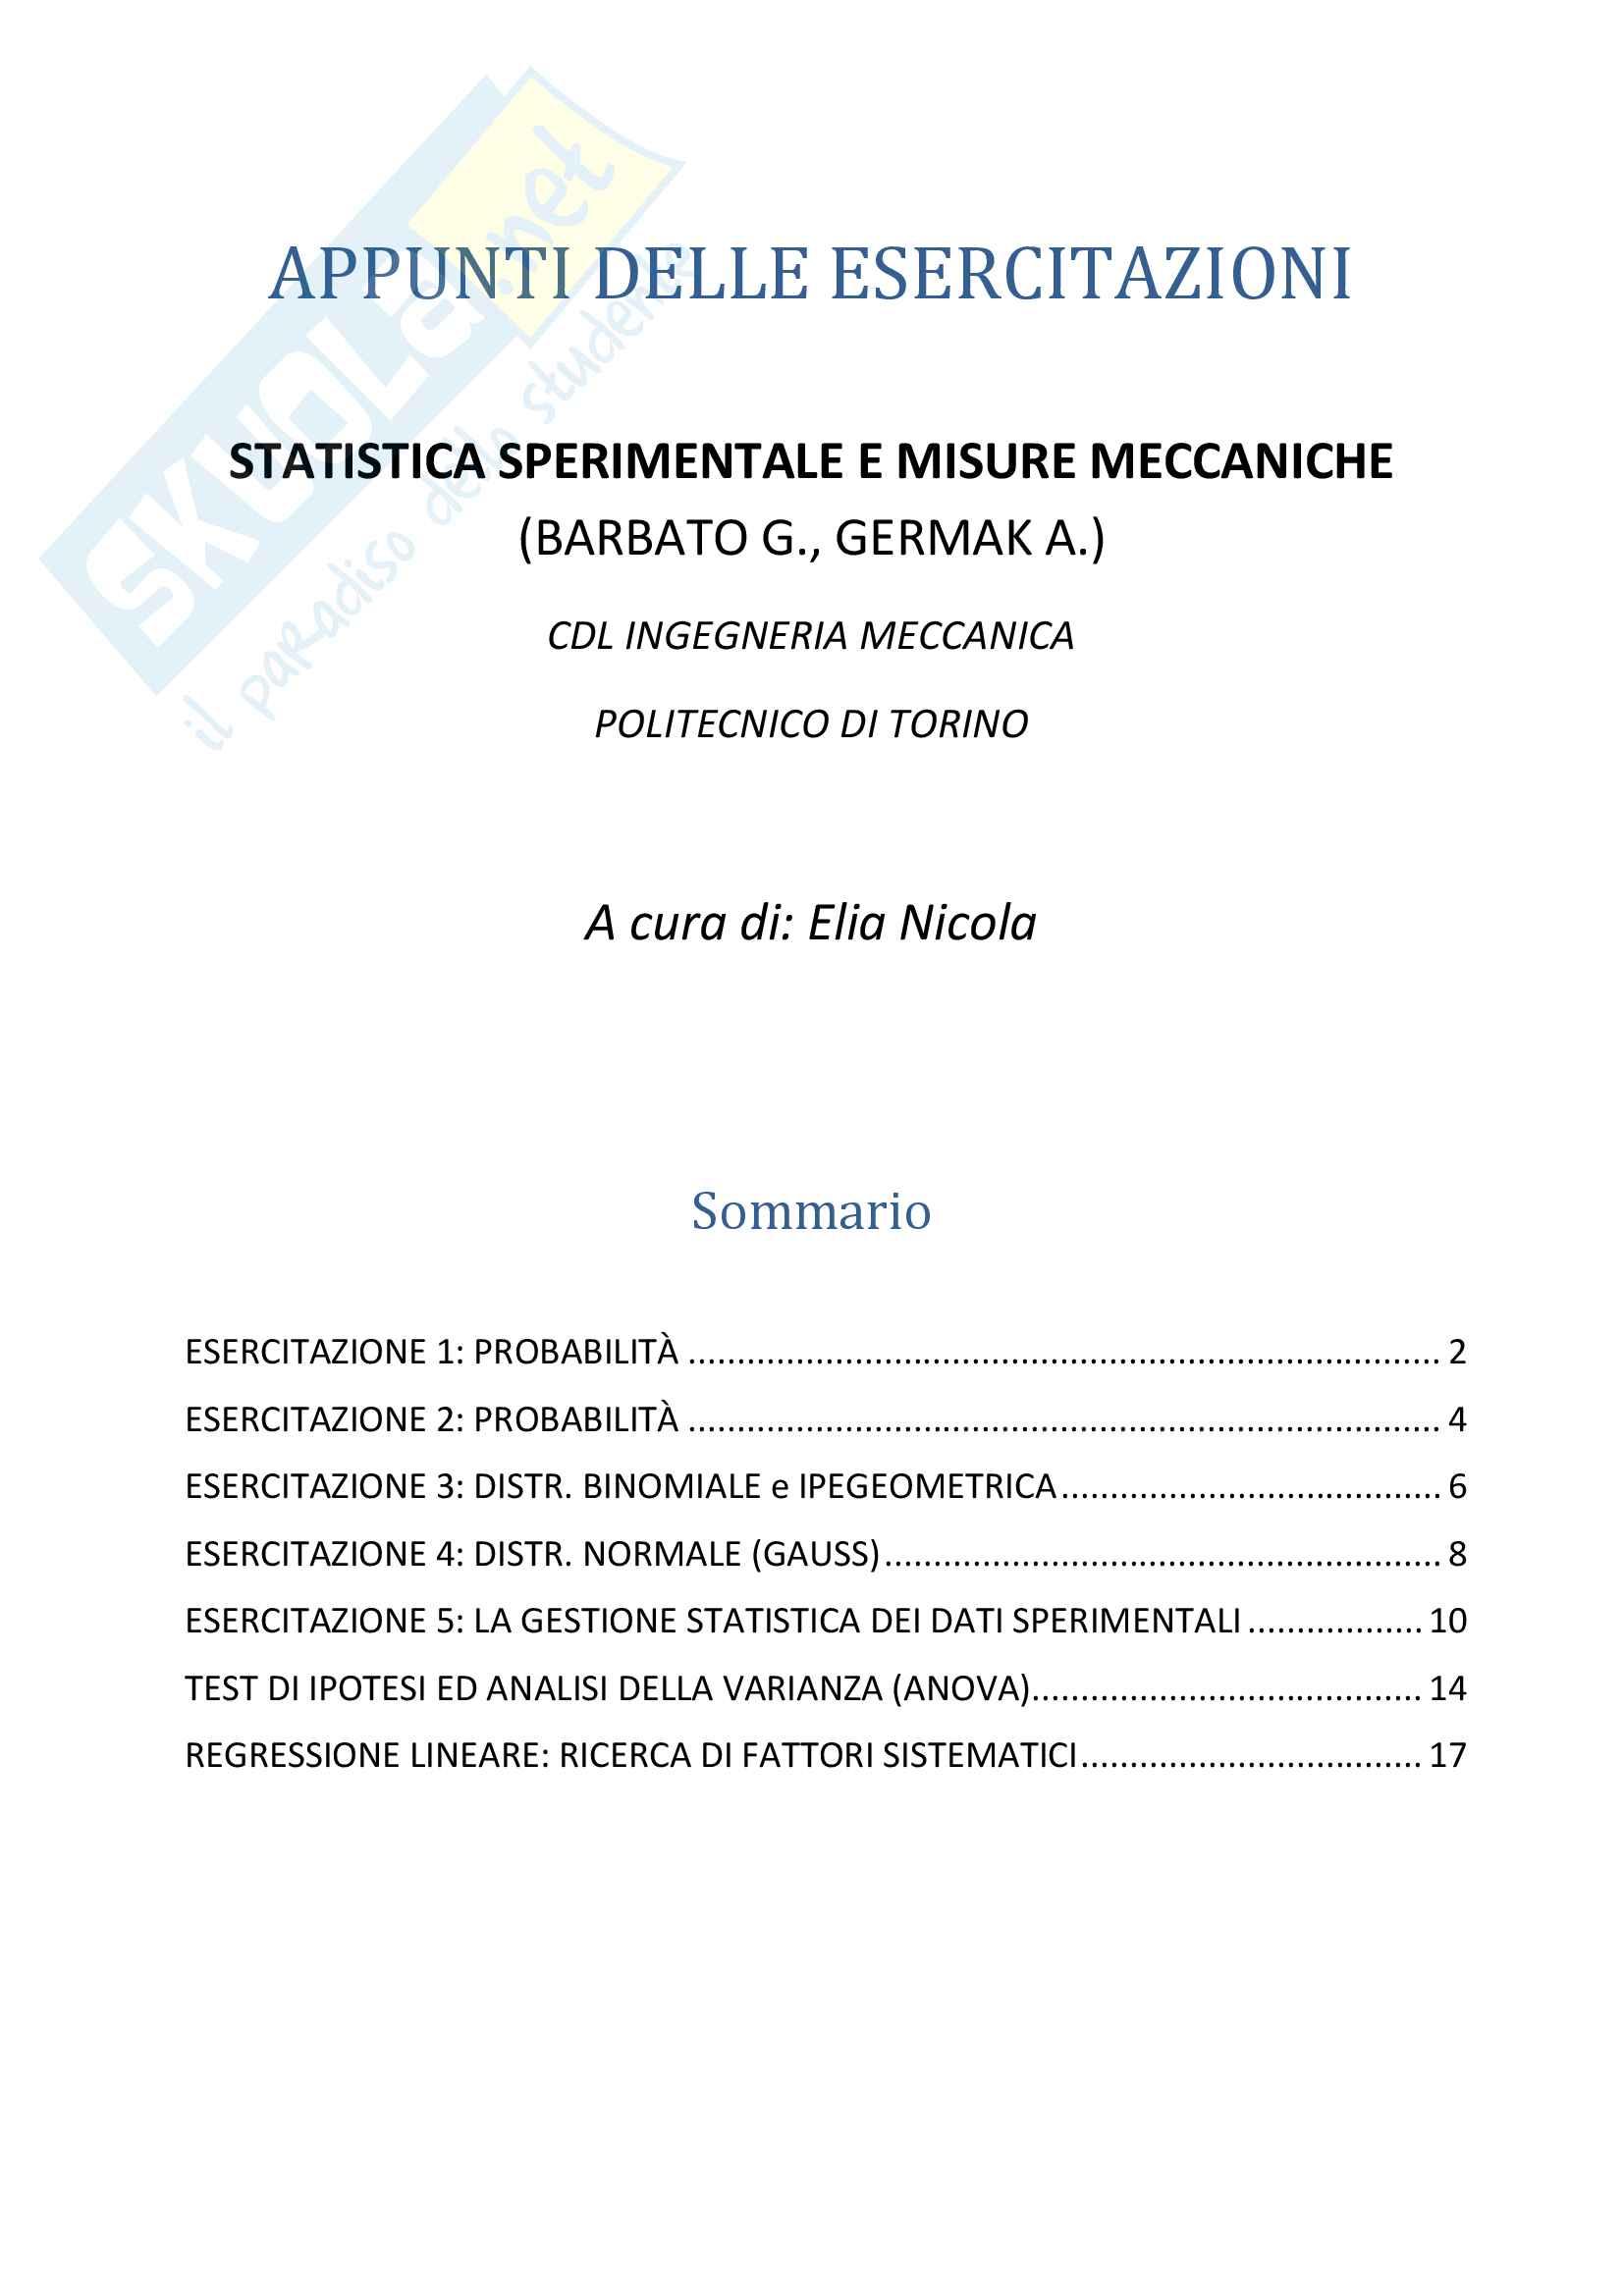 Appunti delle Esercitazioni (prof. Barbato G., Germak A.)